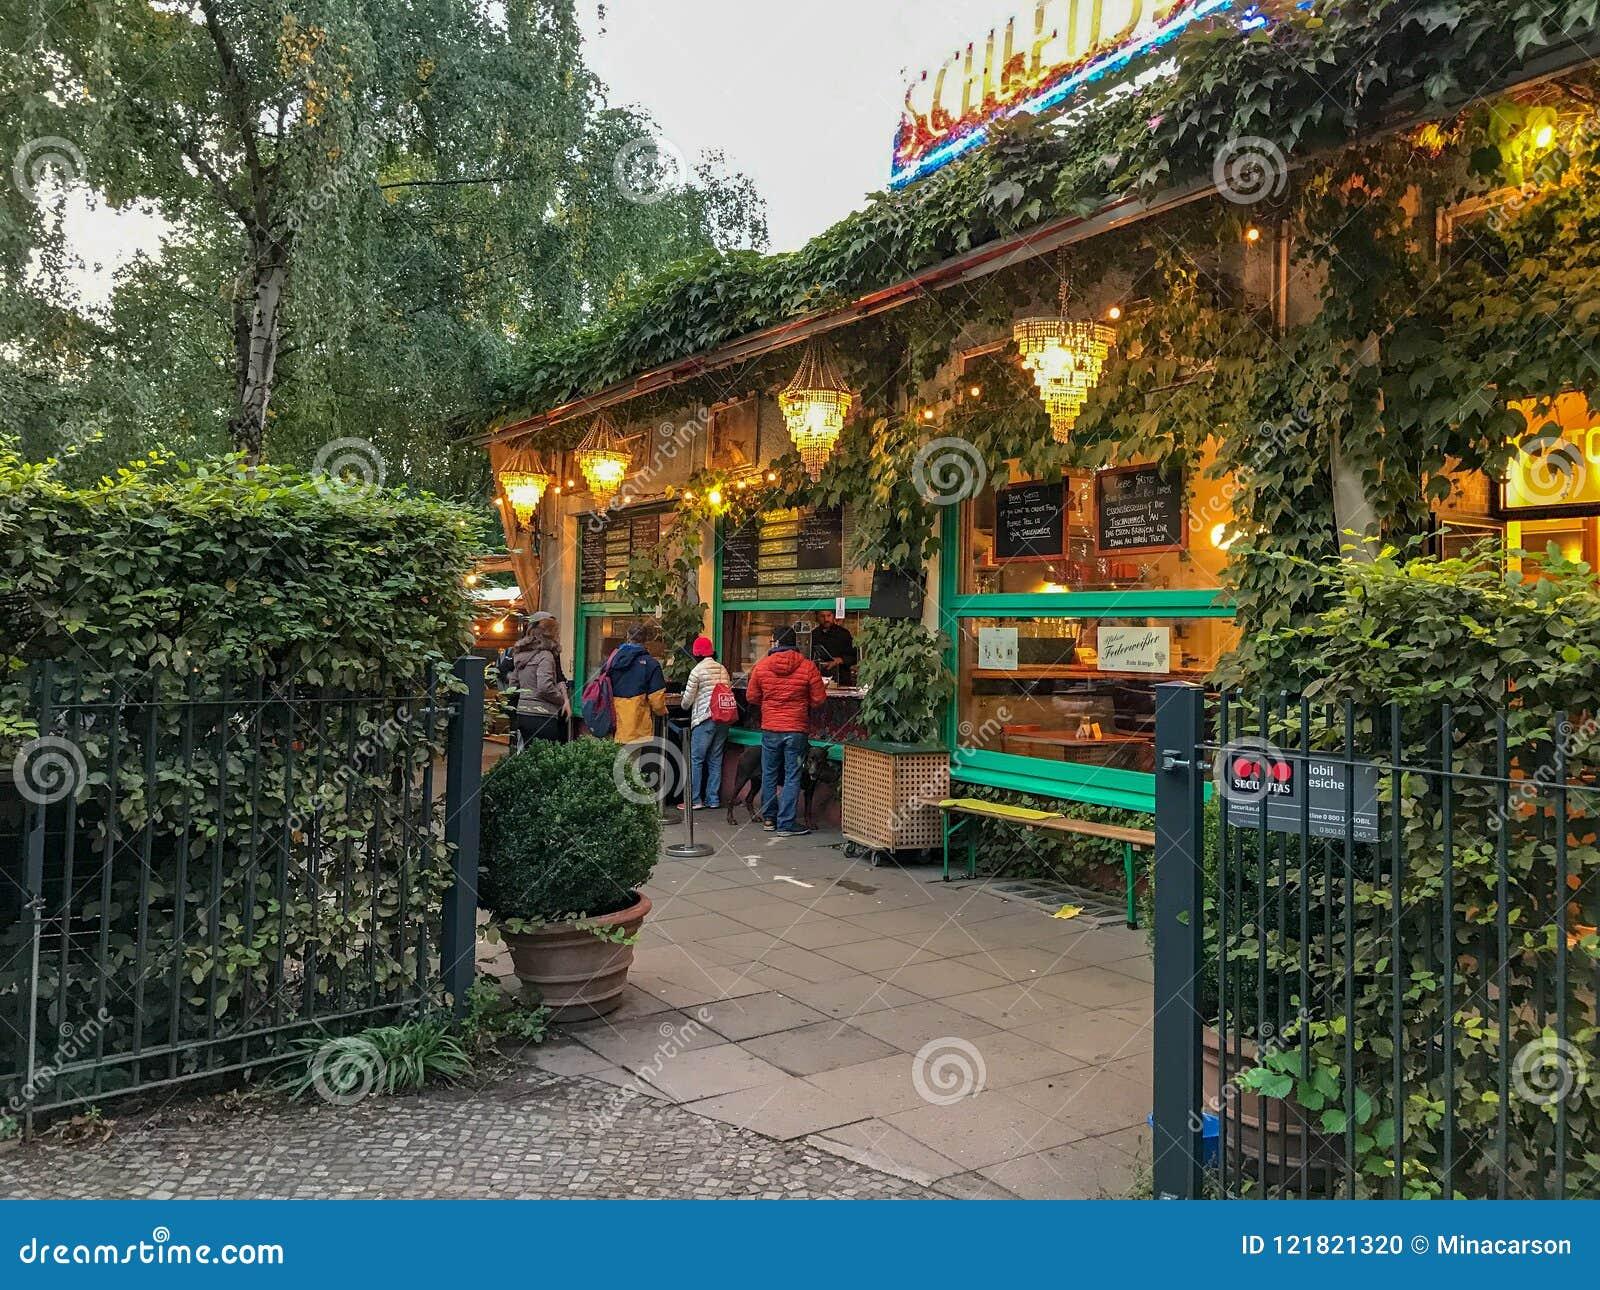 Schleusen Krug Beer Garden In The Berlin Zoologischer Garten